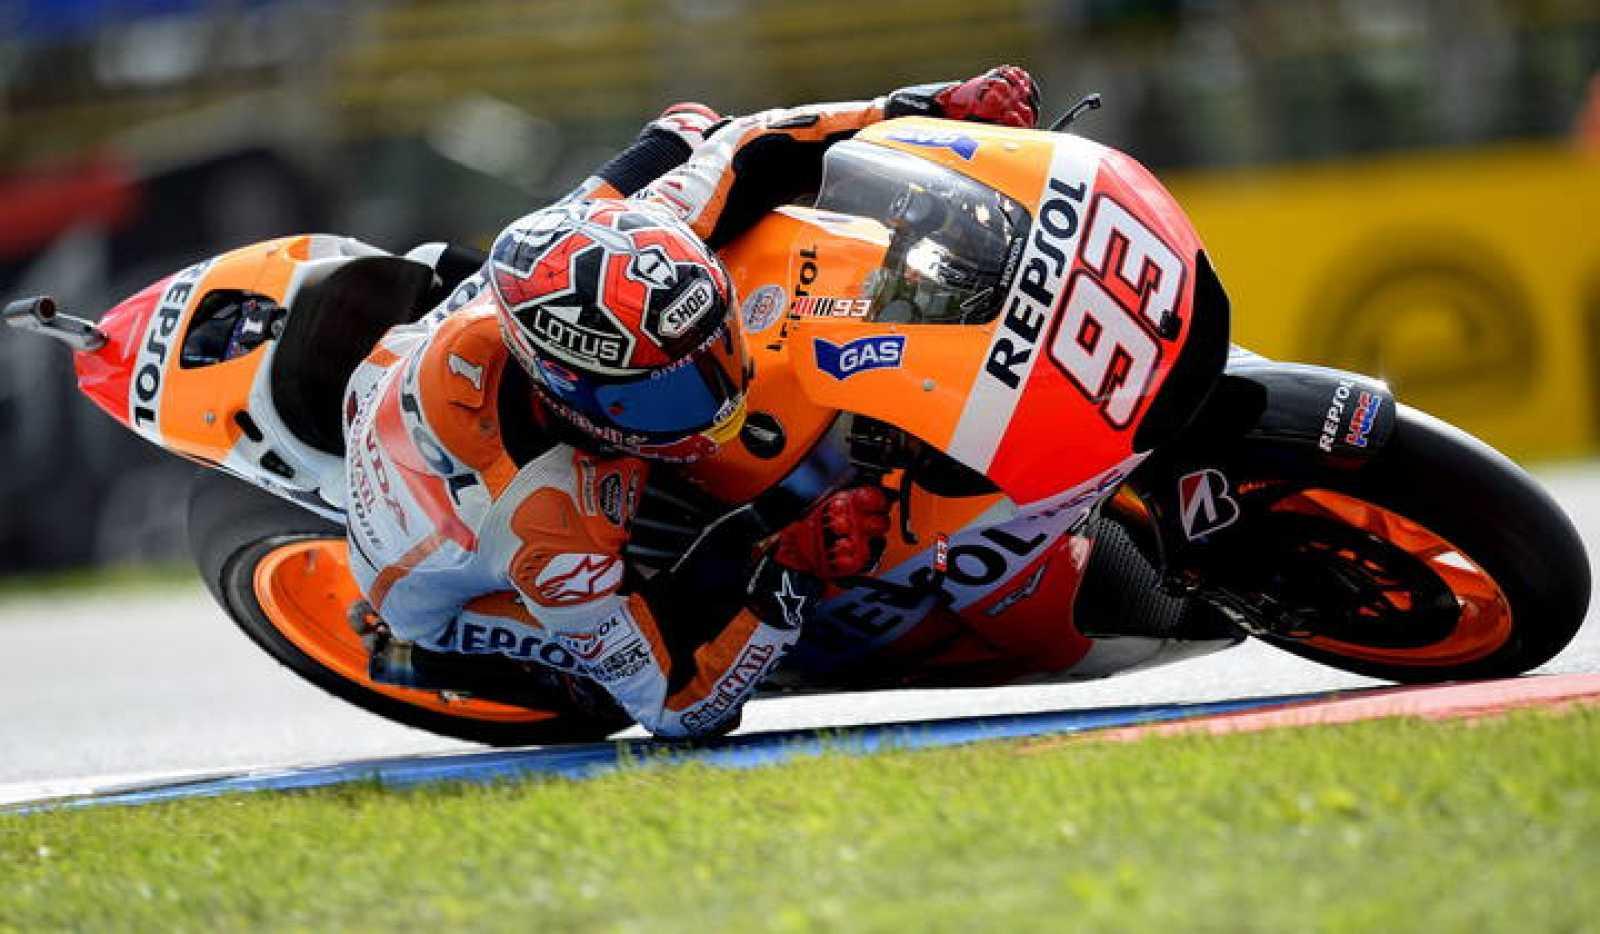 El piloto de MotoGP Marc Marquez rueda sobre el circuito de Brno.